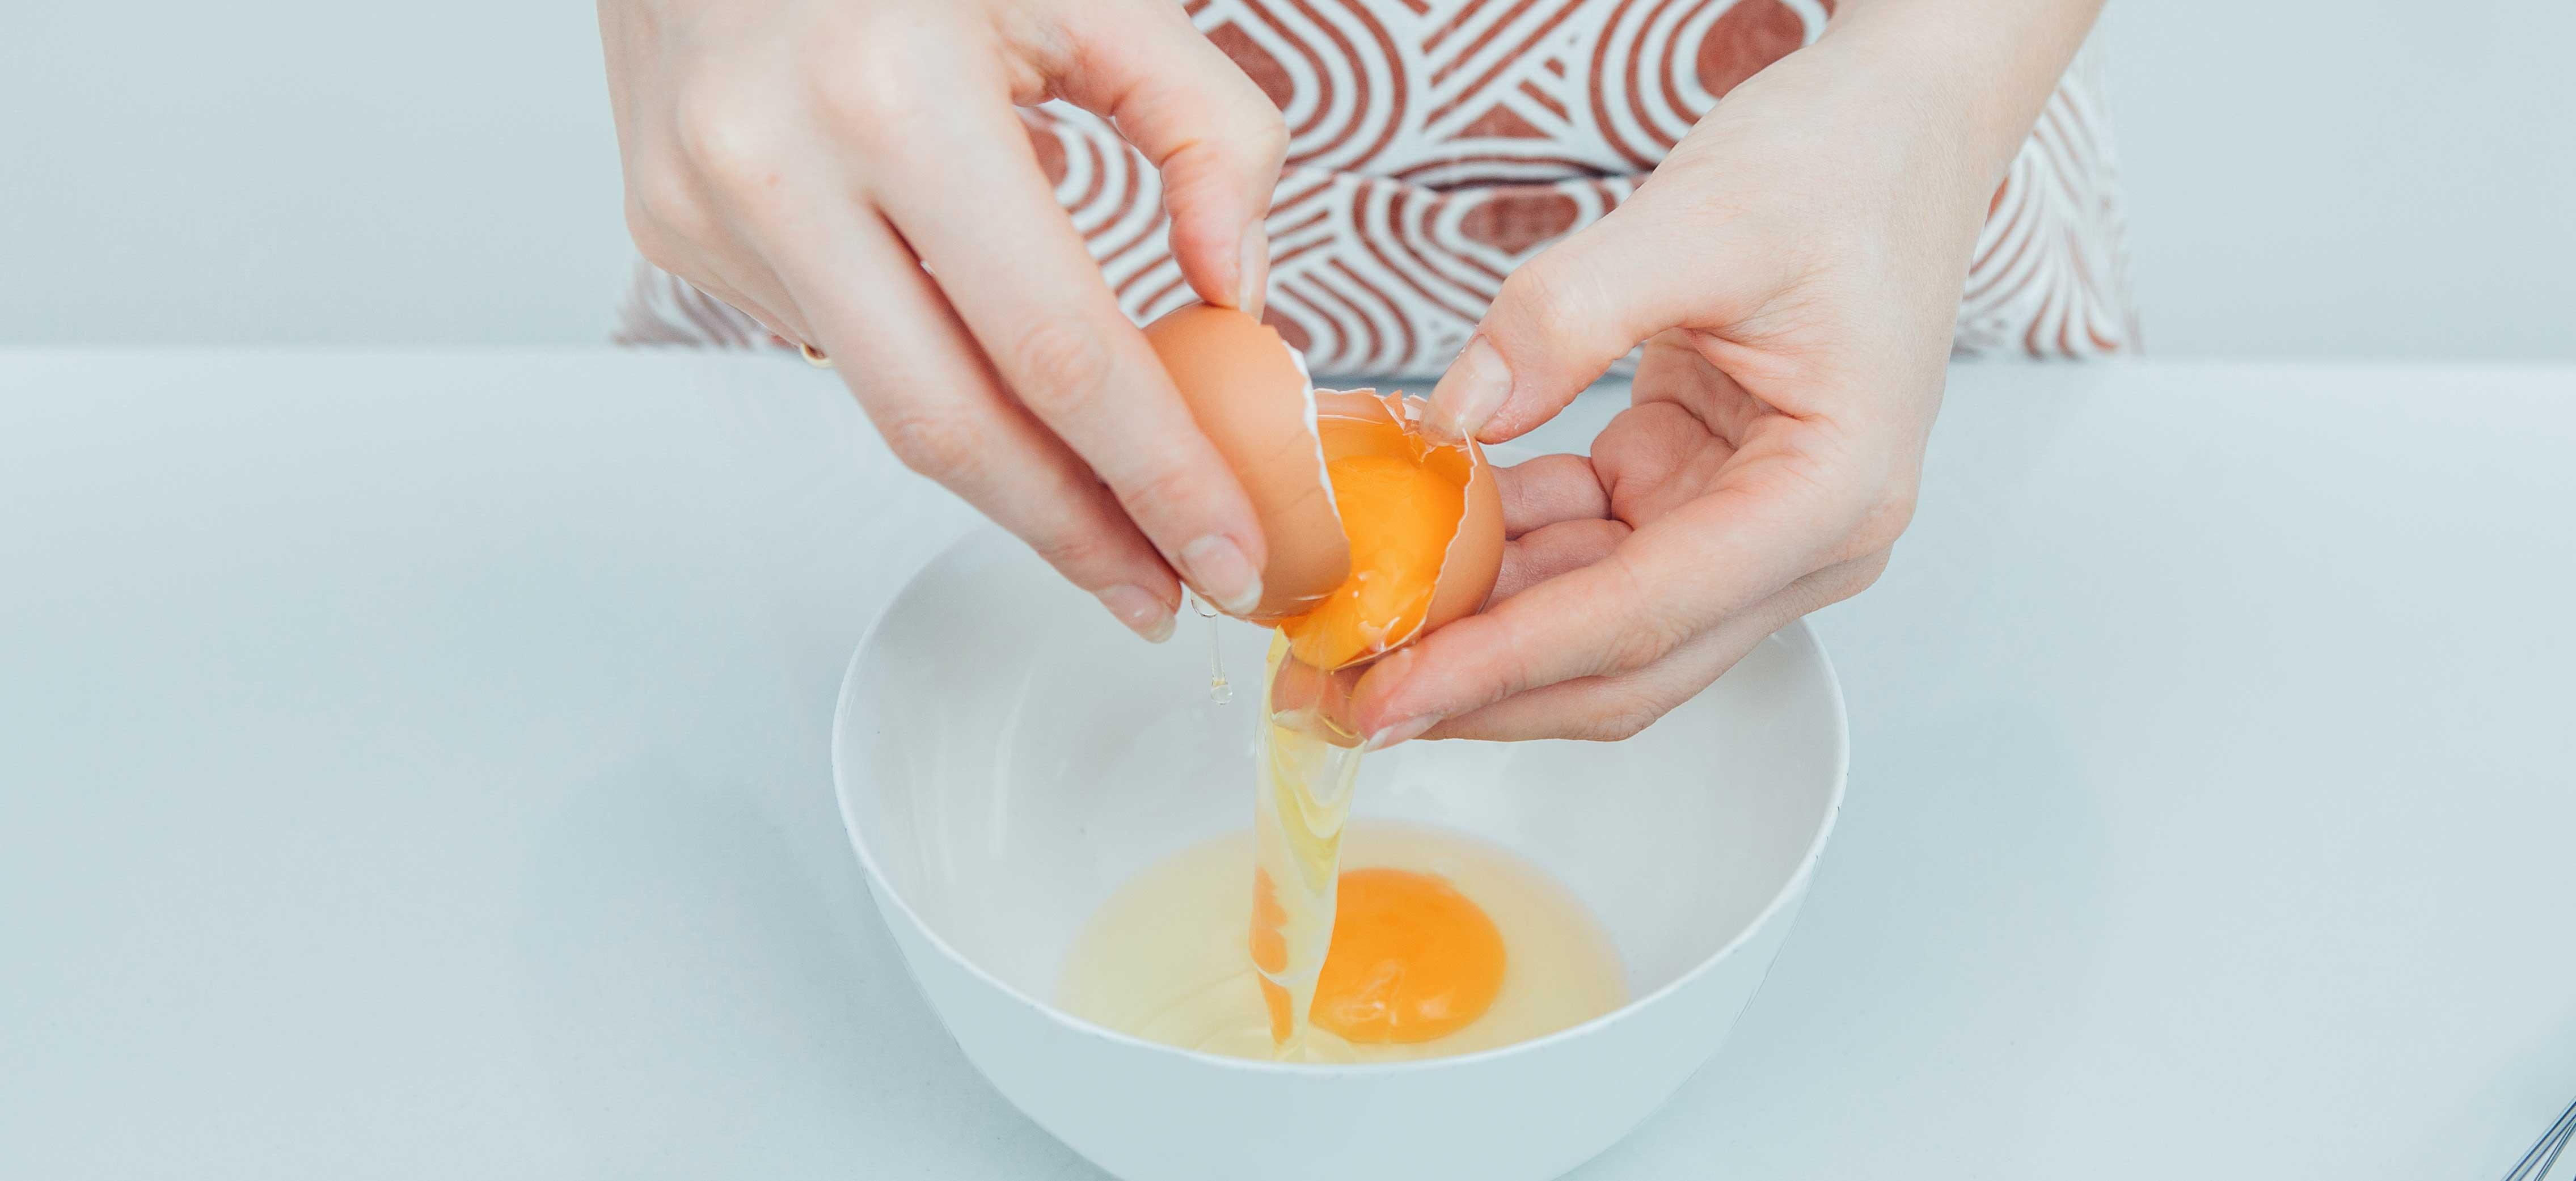 4 veelgemaakte fouten bij het bereiden van eieren